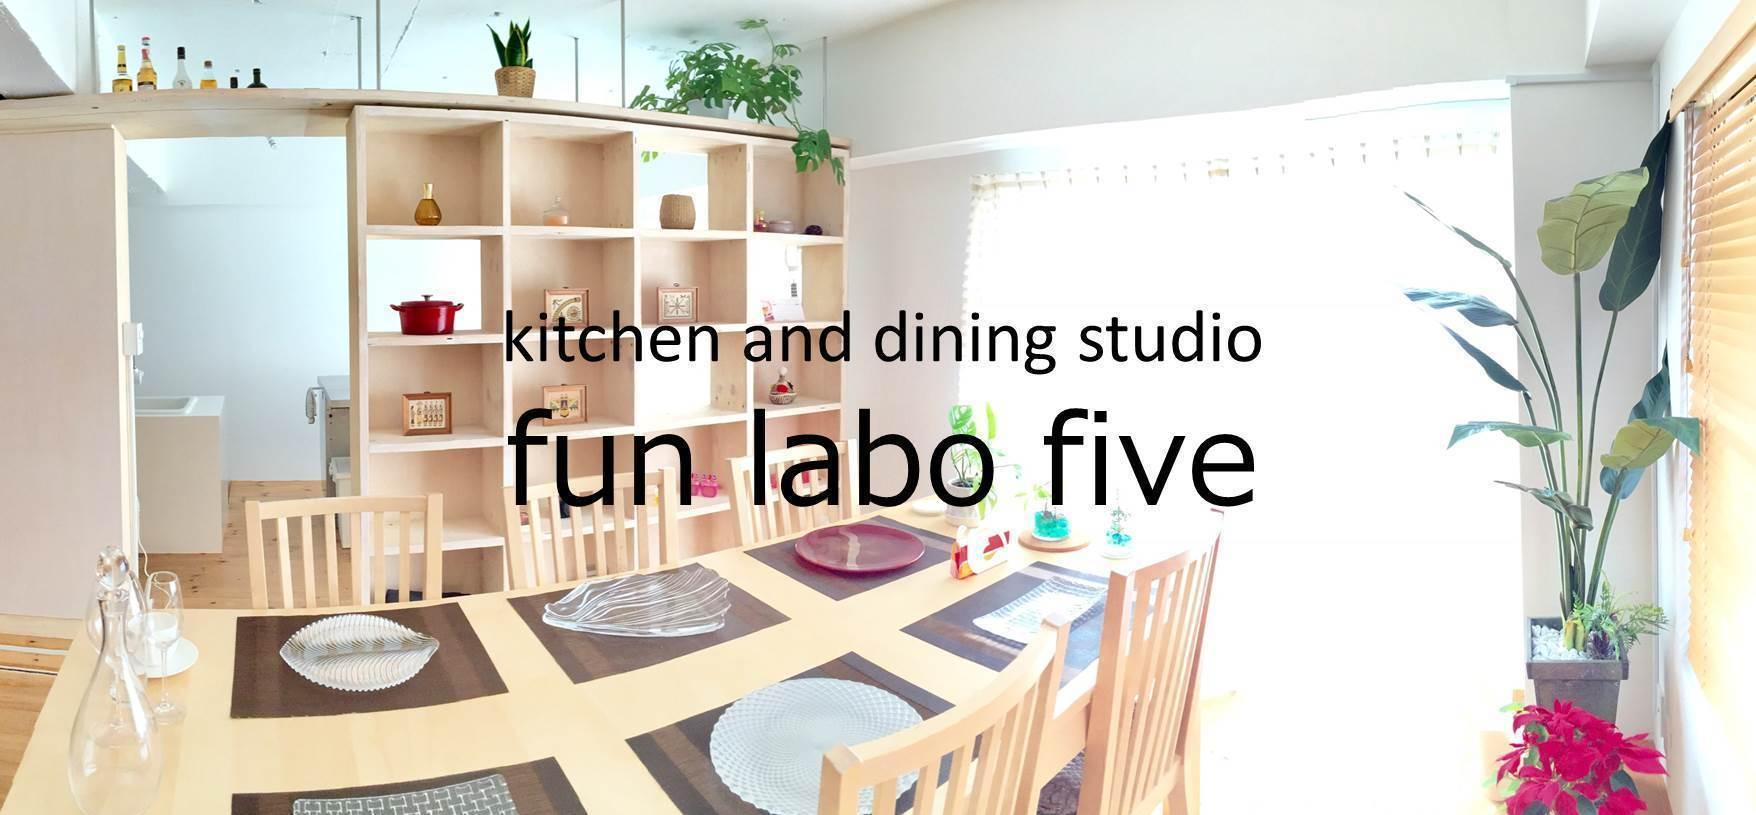 【ゆったり50㎡】五反田・大崎駅から徒歩5分。無垢材基調の落ち着いた隠れ家キッチンスタジオです。(fun labo five) の写真0